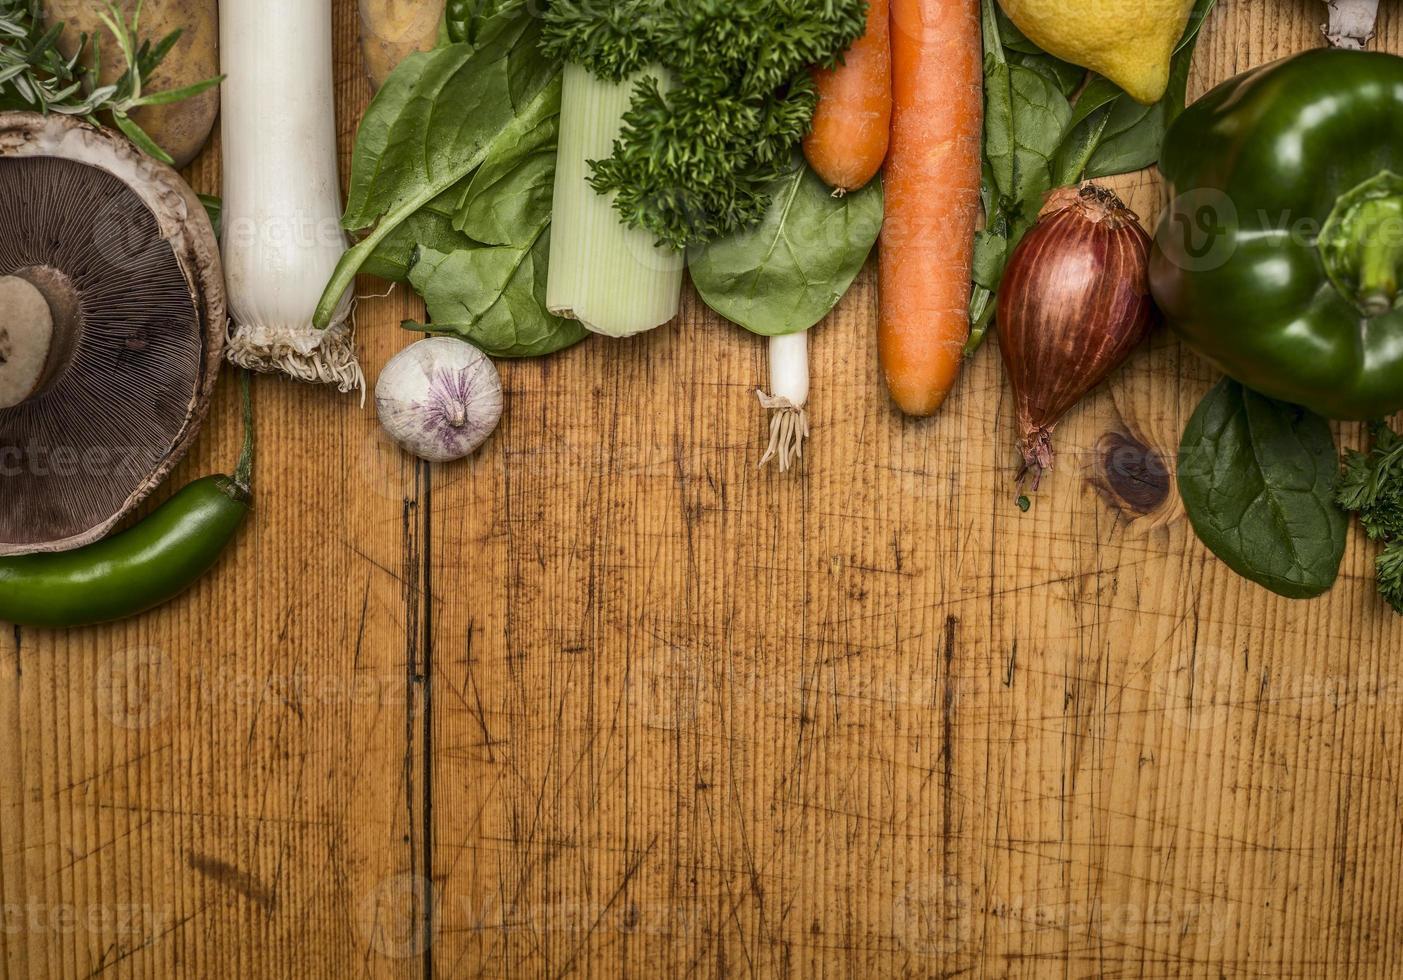 Verduras de otoño setas fondo rústico de madera vista superior cerrar foto